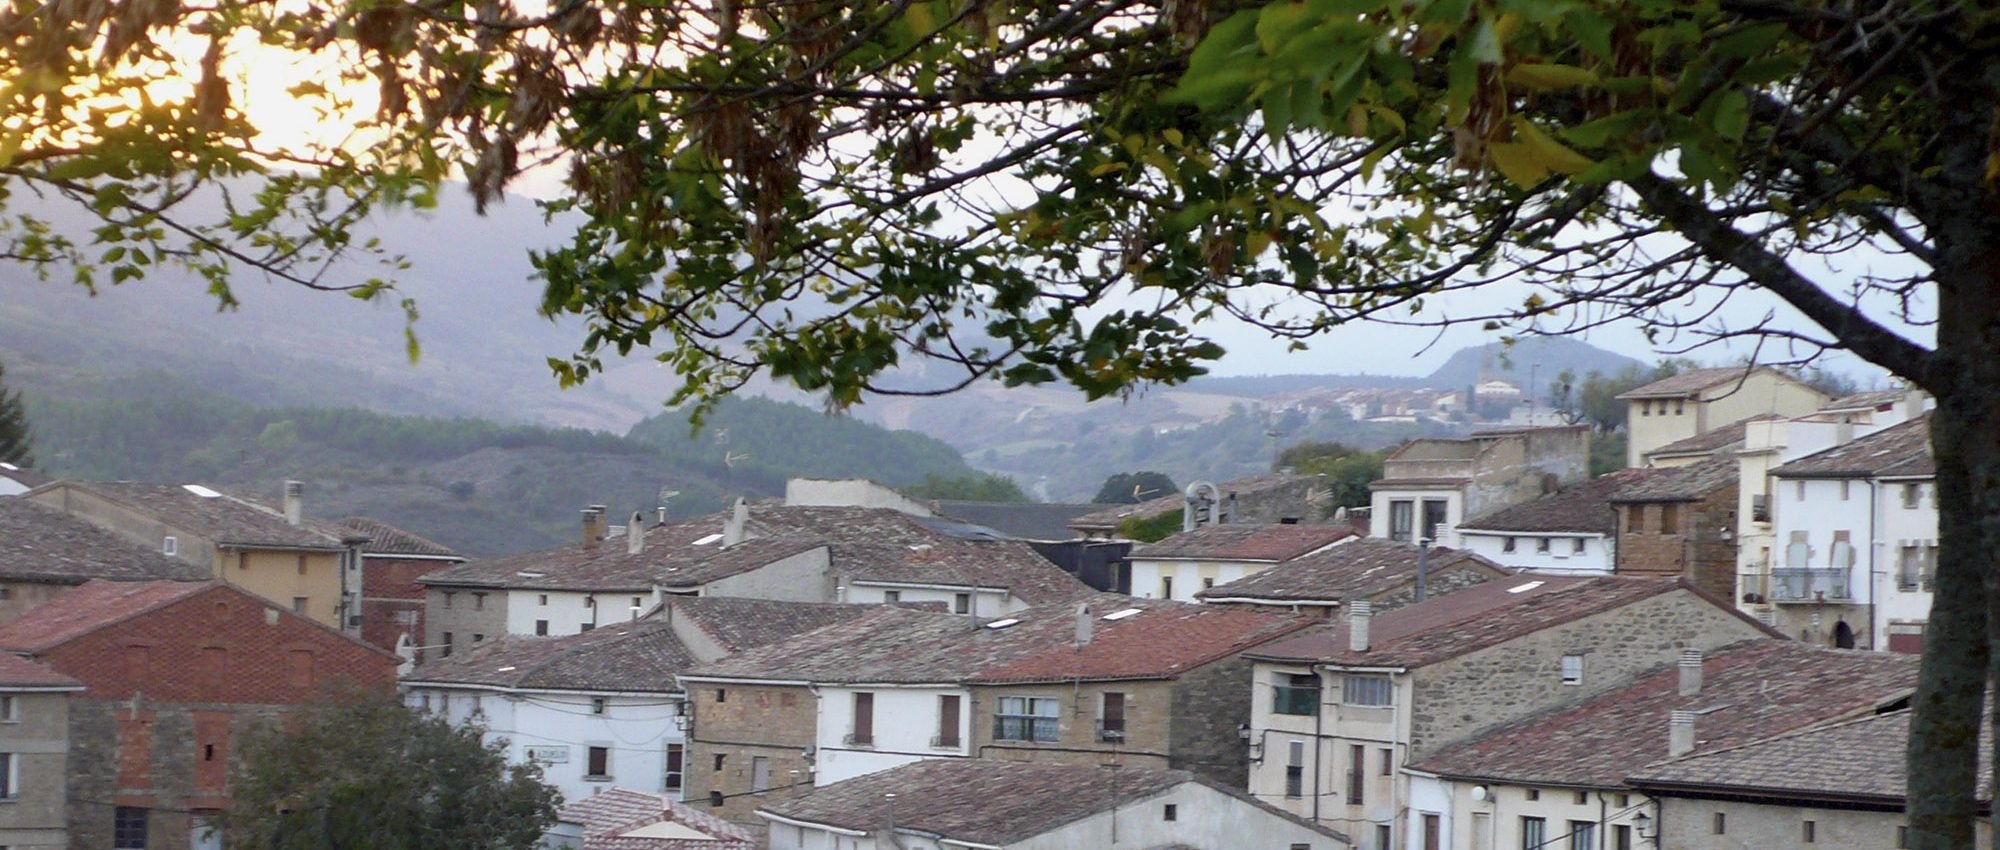 Casa rural La Rinconada en Azuelo Navarra